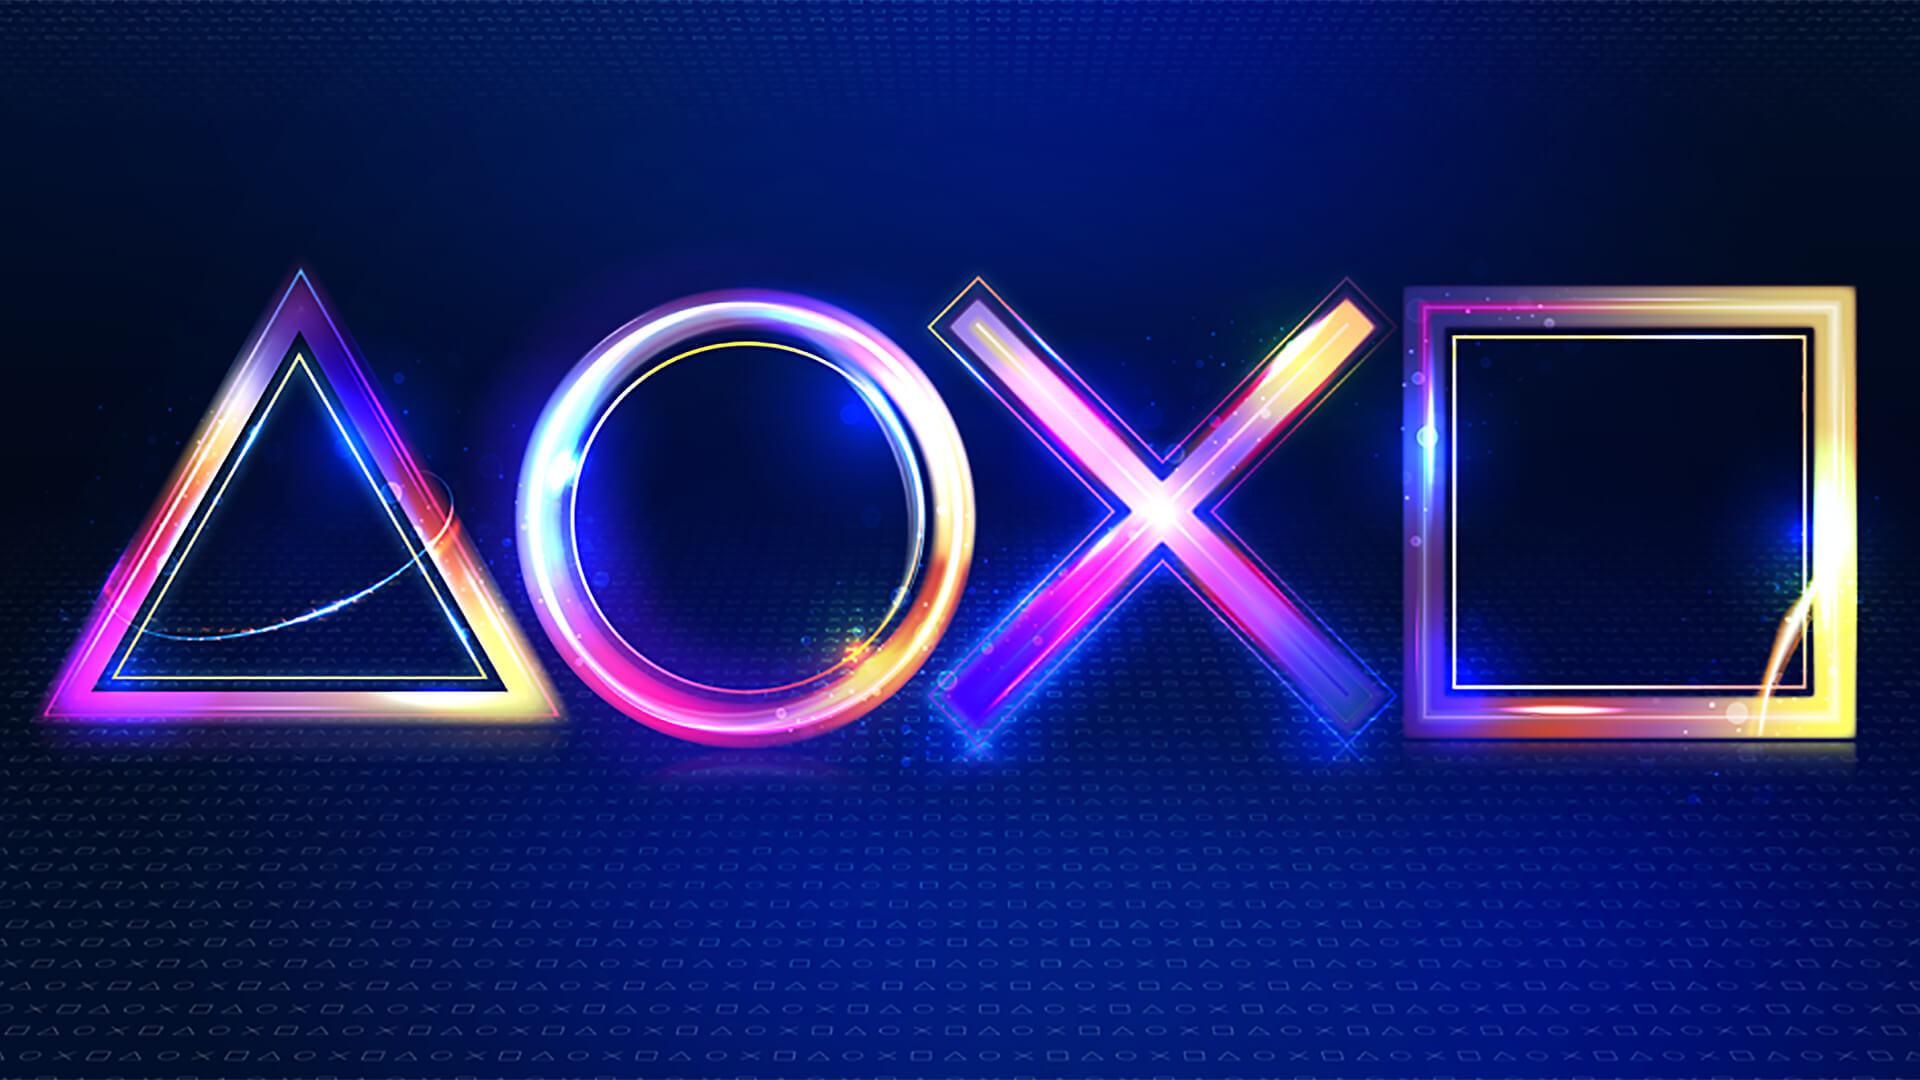 PS5 tendrá más exclusivos que cualquier otra PlayStation, según Jim Ryan